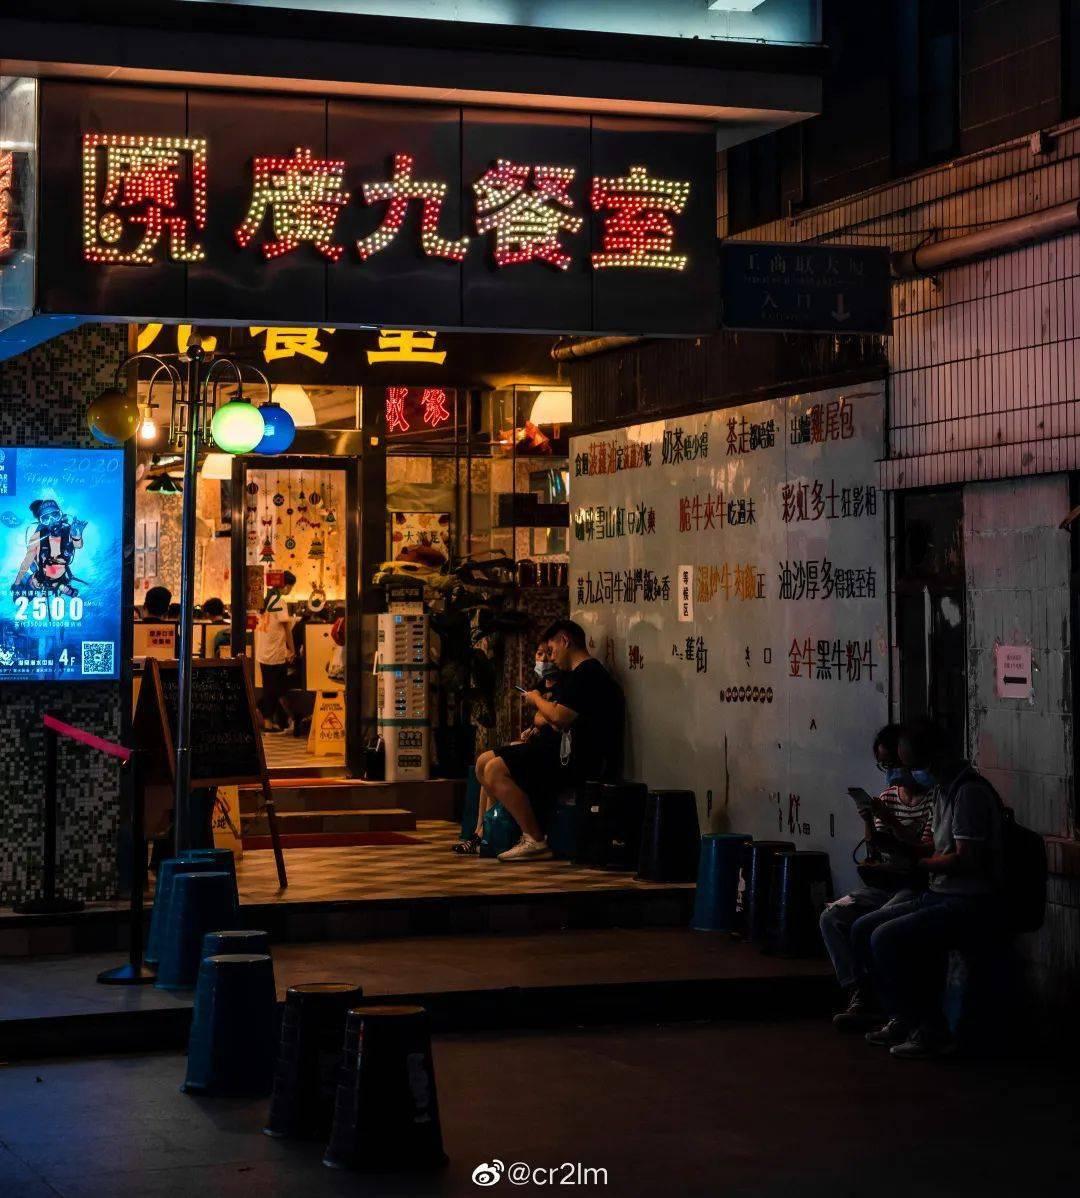 再见了,中山三路的广九餐室!